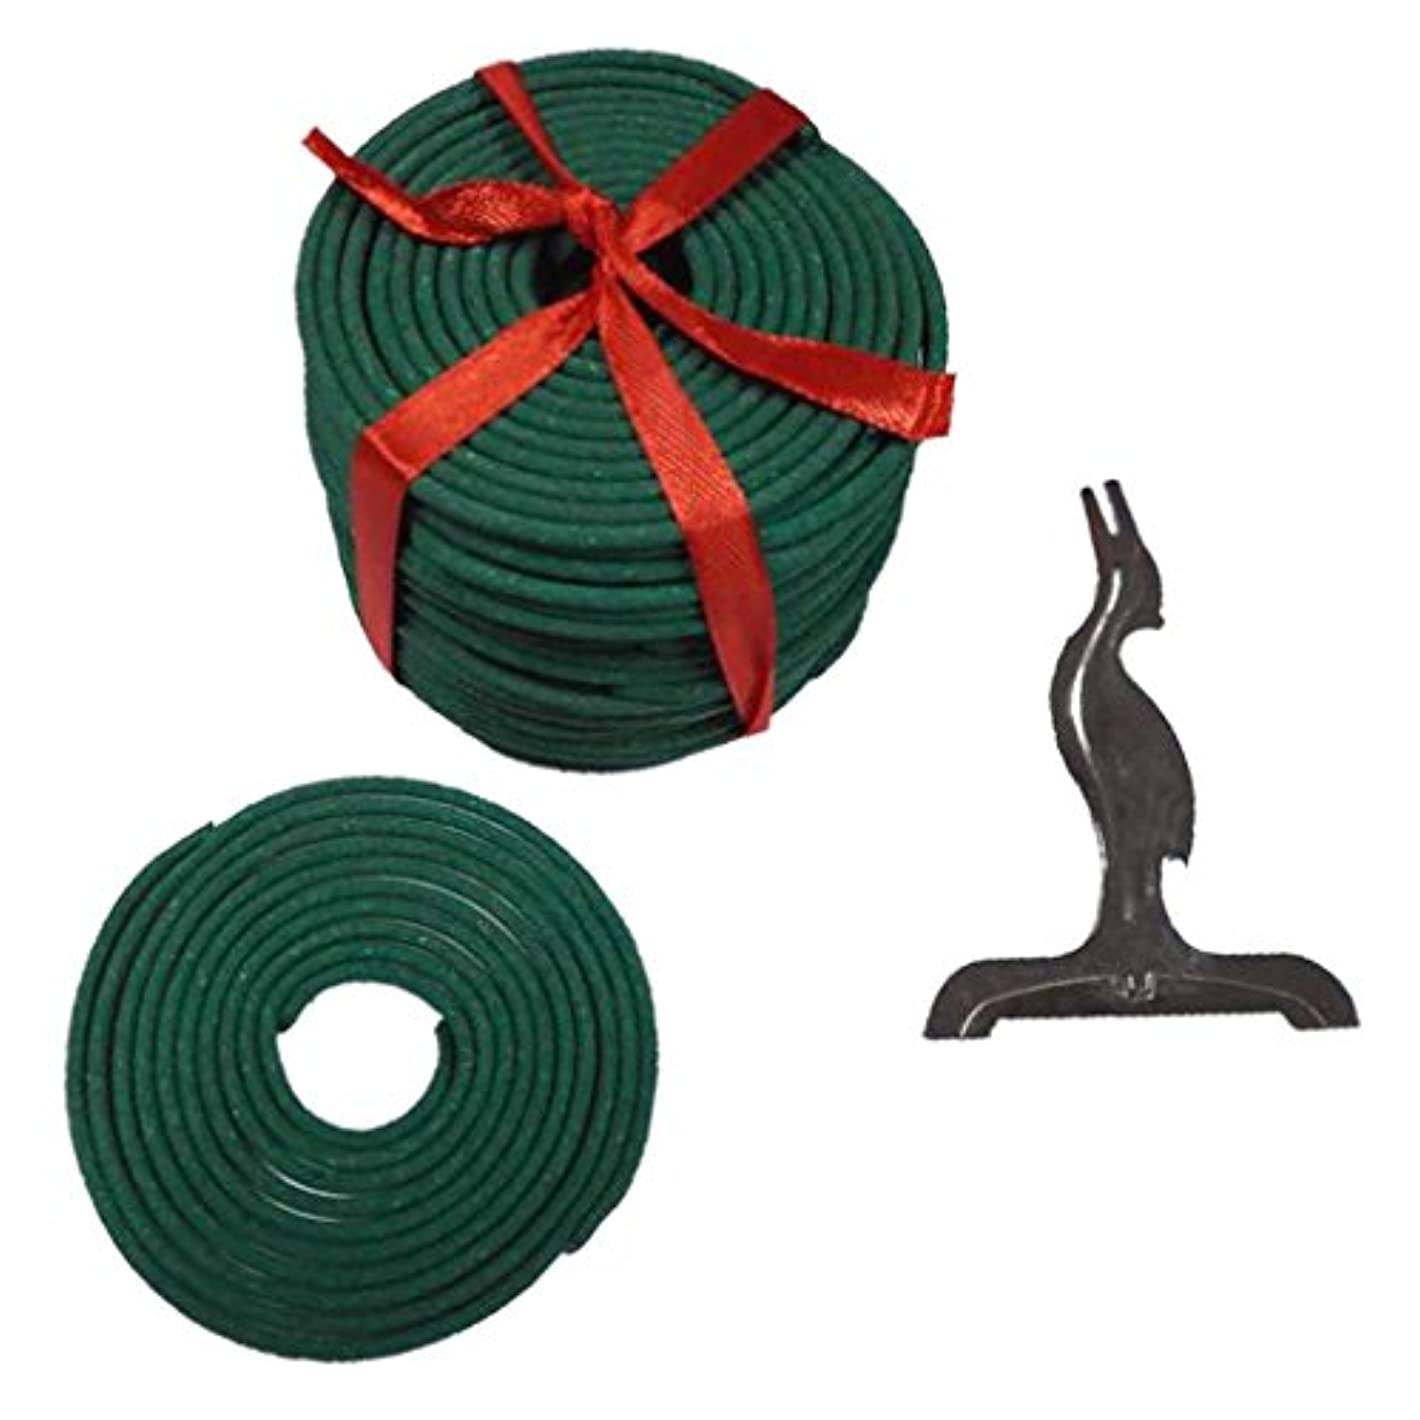 仲間ひどくその他baoblazeボックス60 mmの自然Incense ( 180min )スパイラルコイルIncense 8 Chooses Available グリーン 0f21a028e2af1cc3639fd578fa558e10